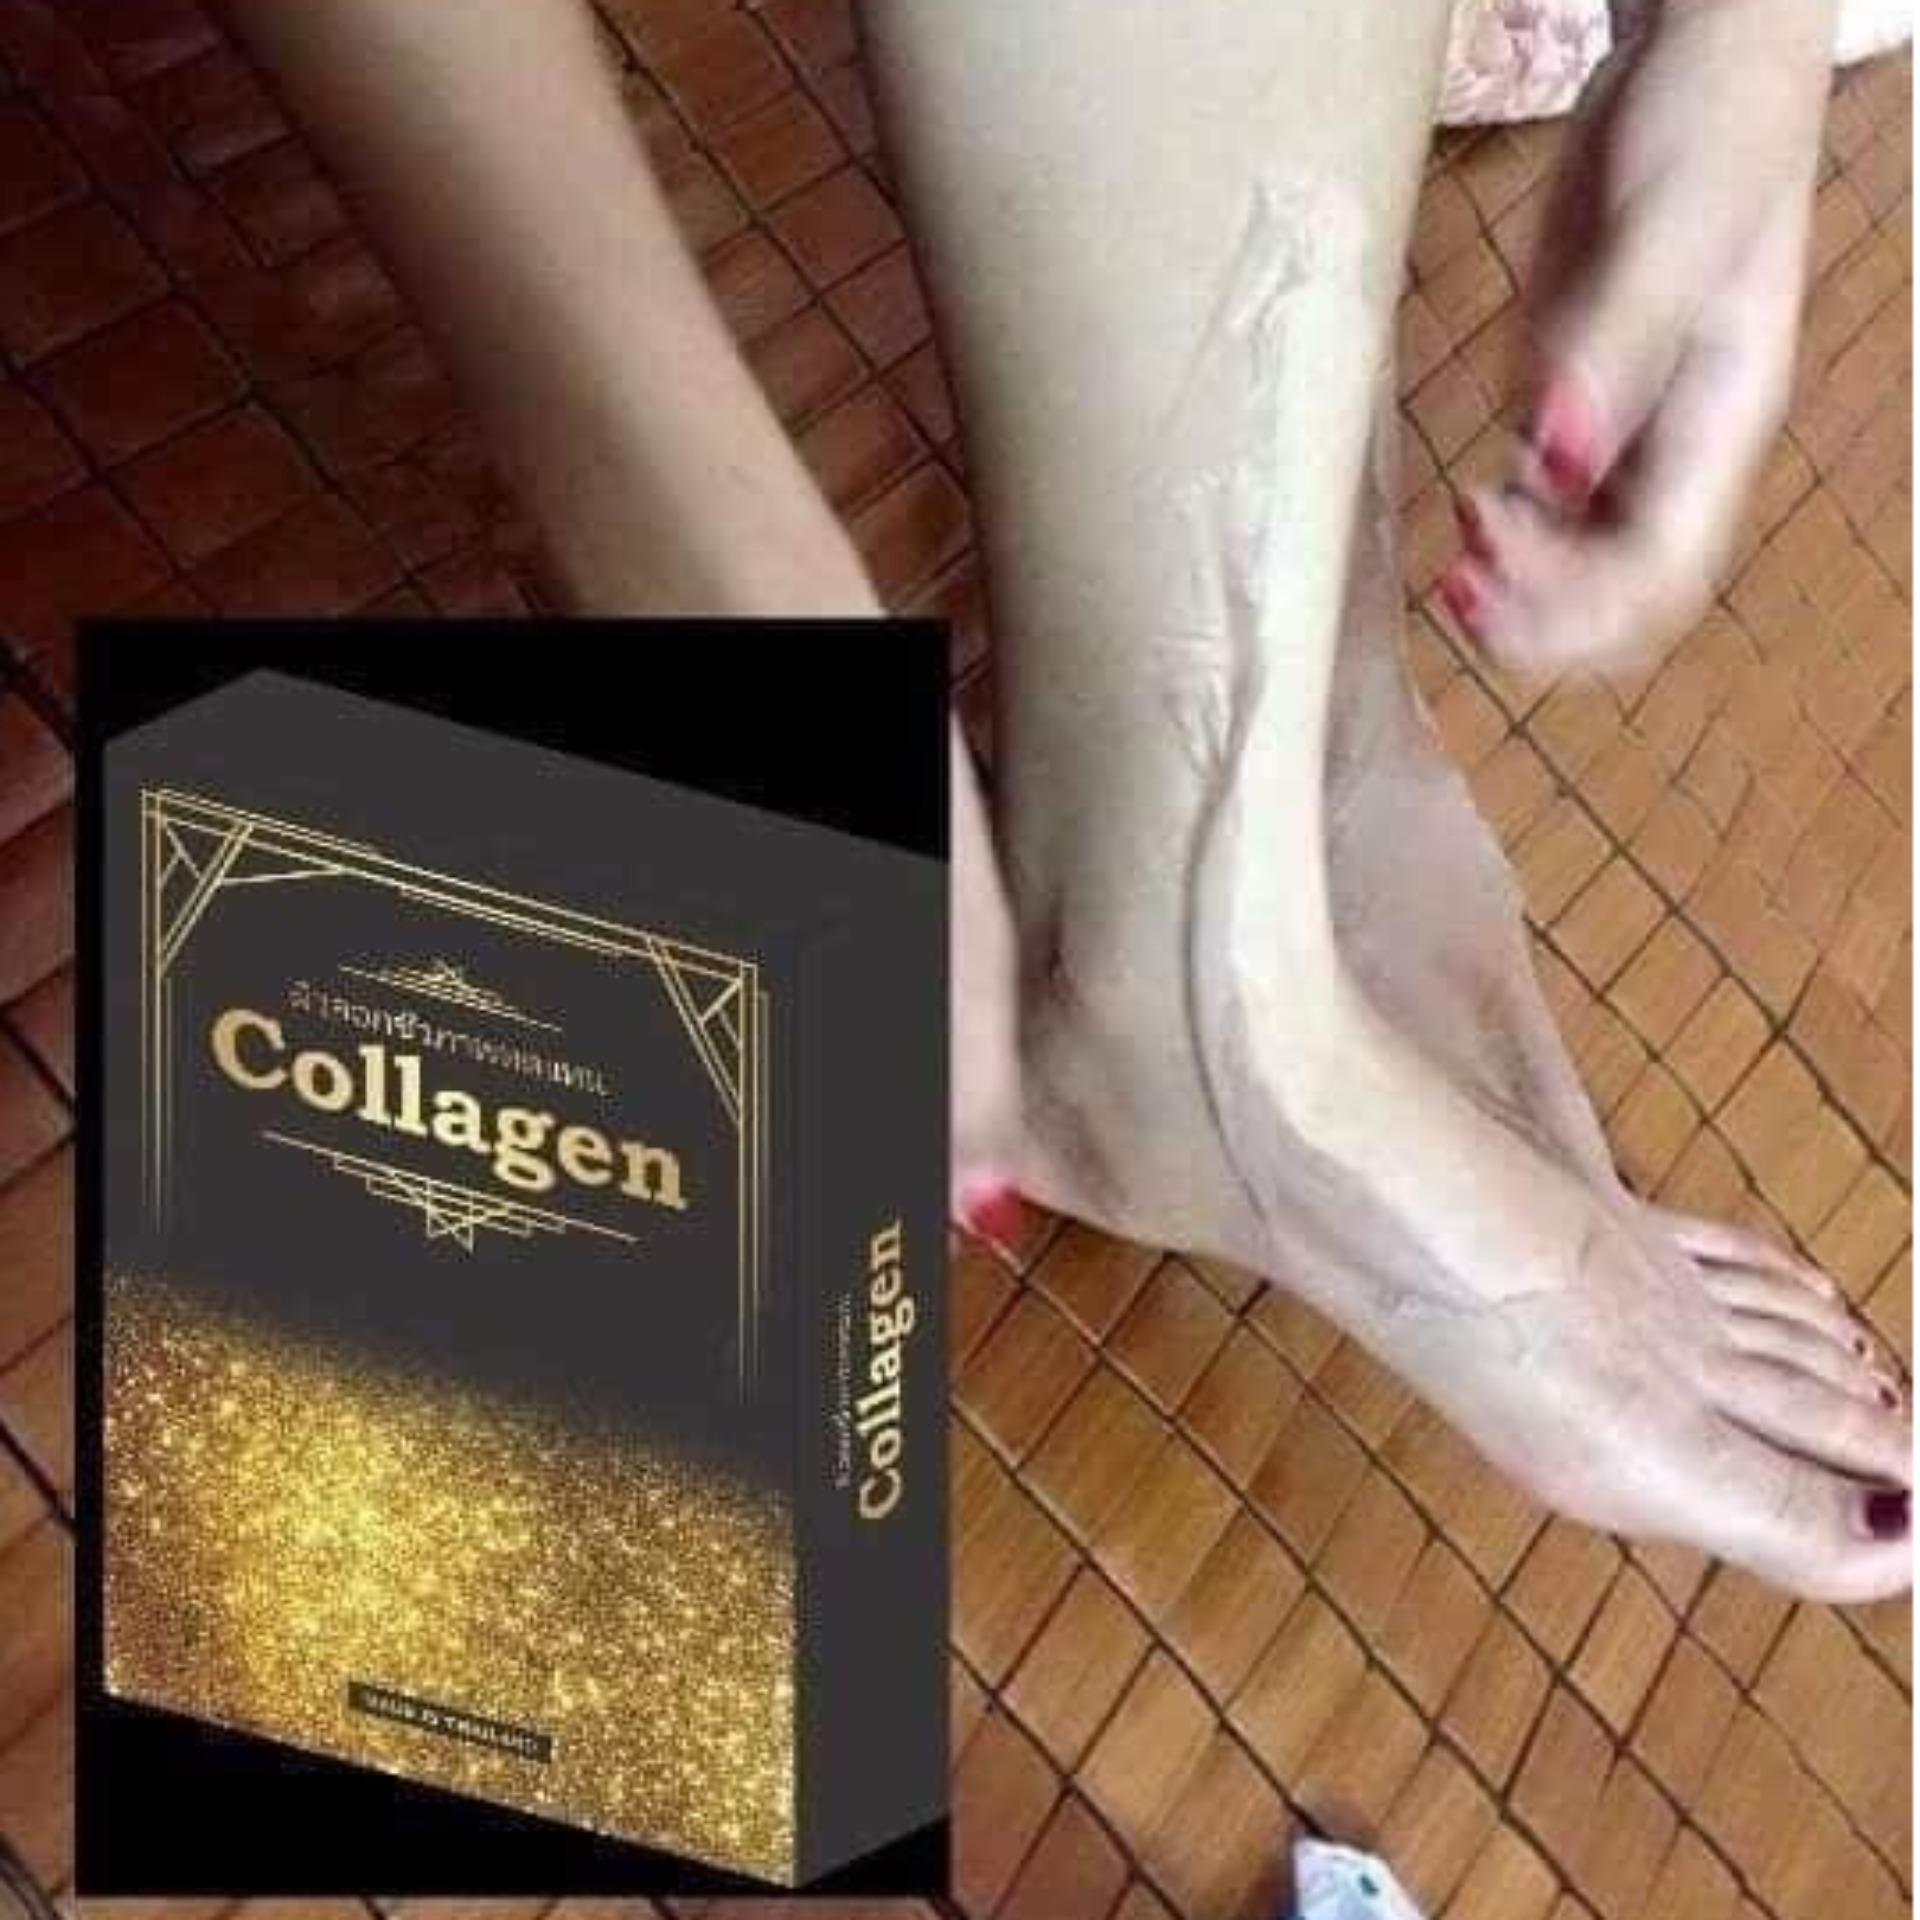 【THAILAND】Thay da sinh học collagen